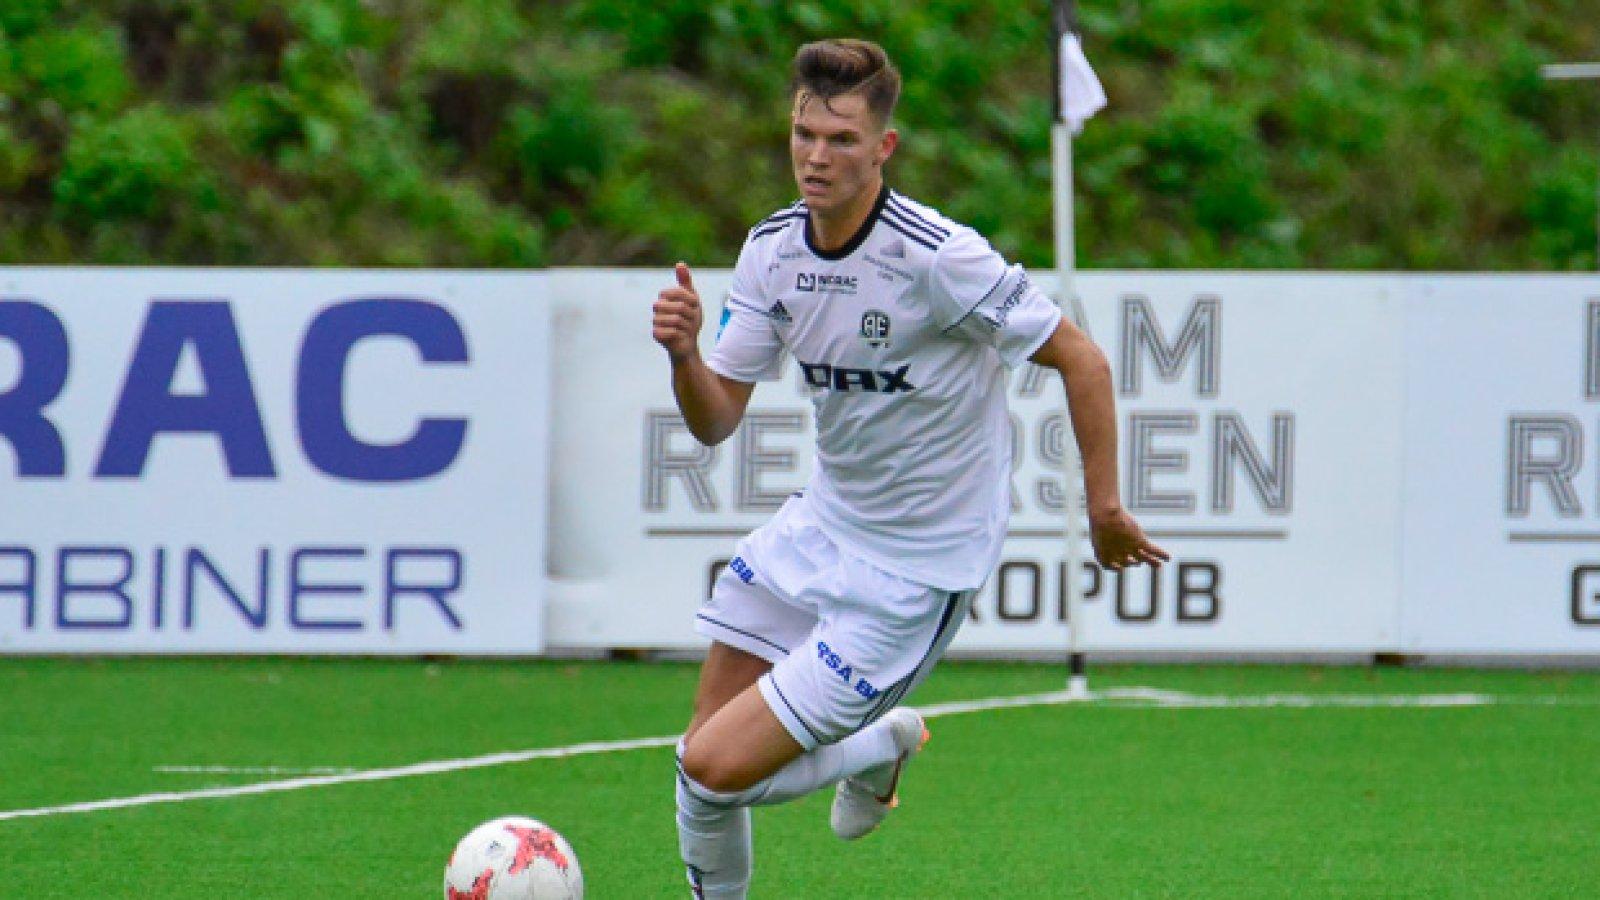 Stian Michalsen.